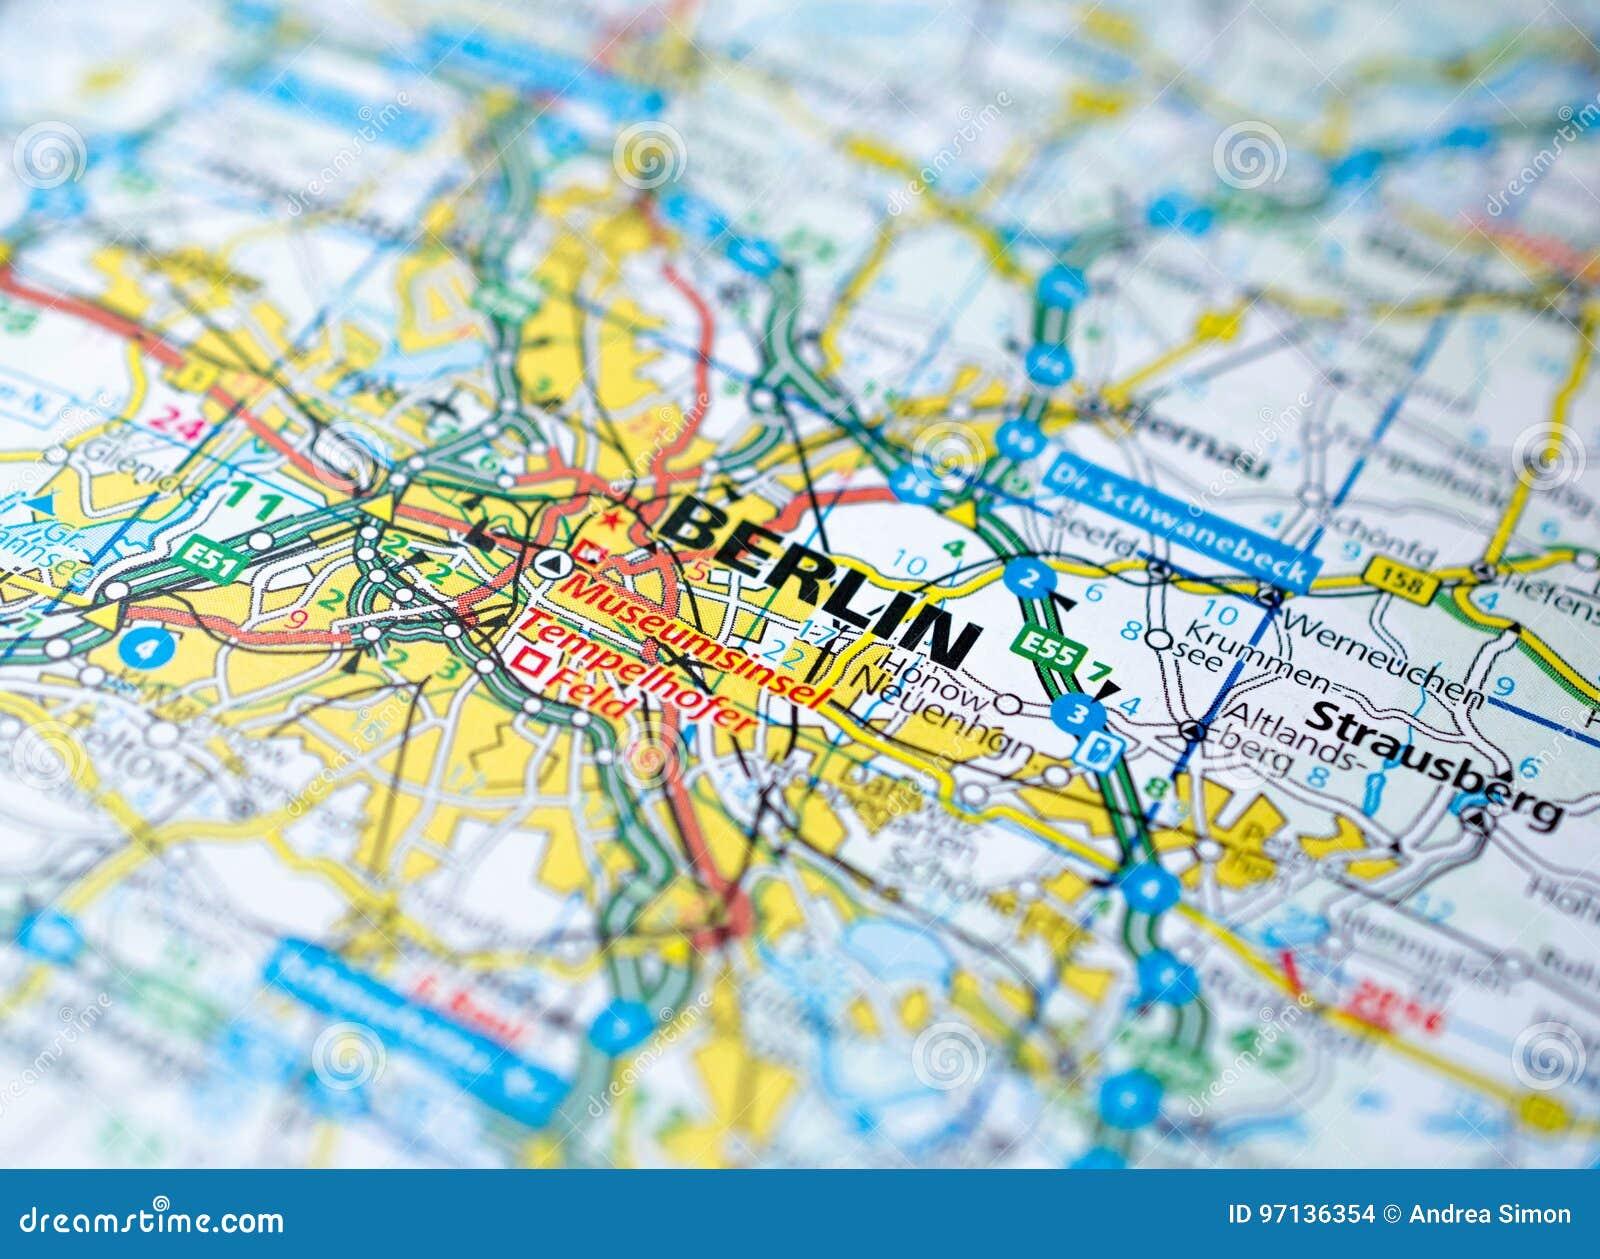 Berlín en mapa